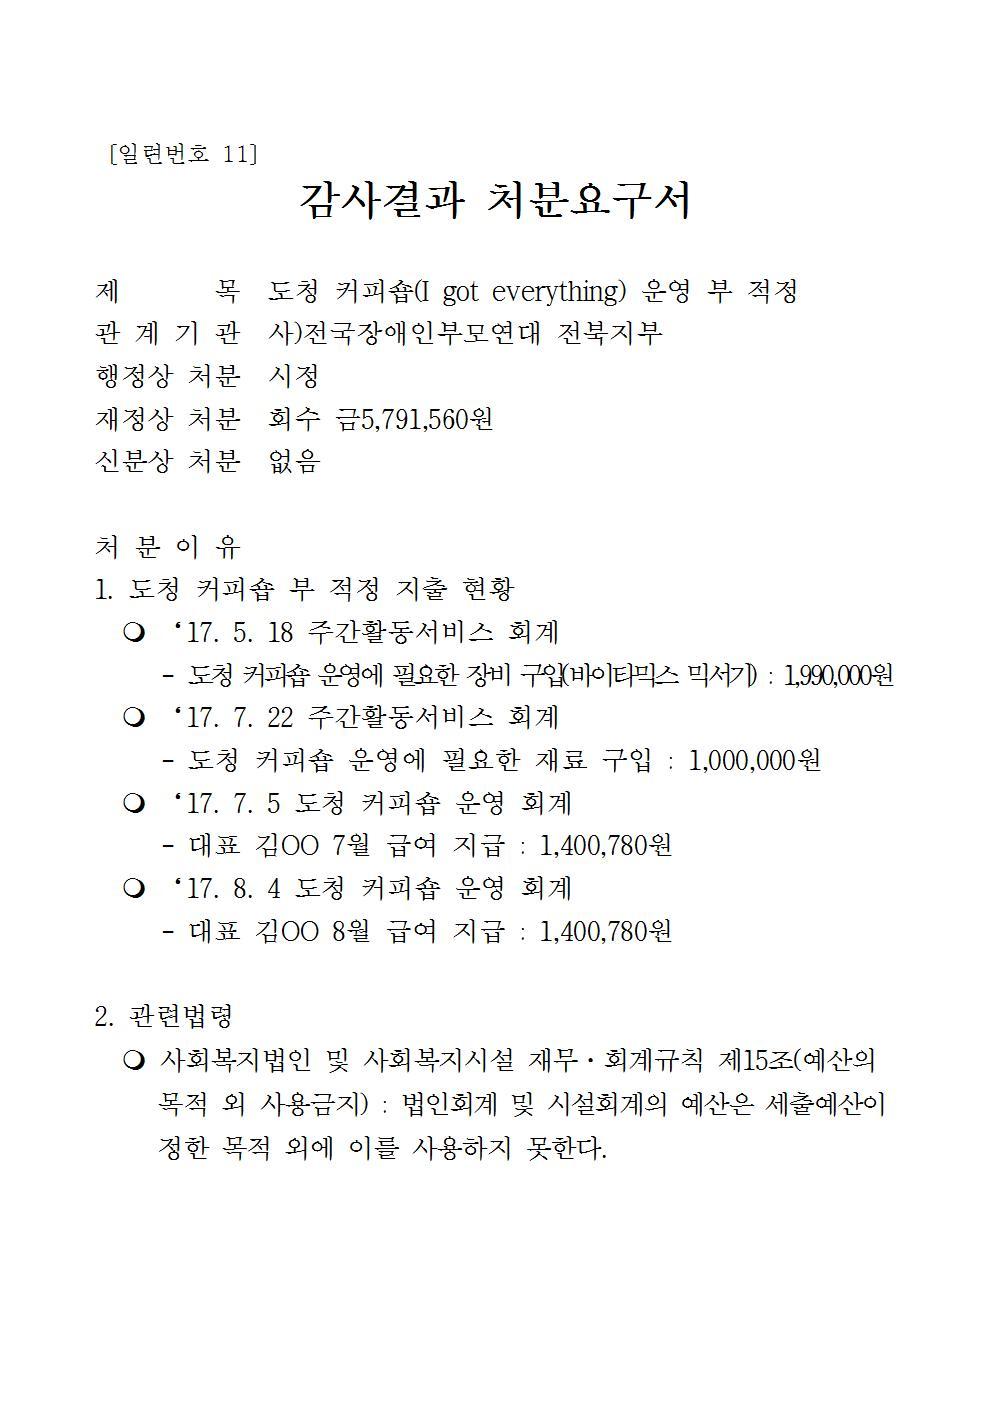 붙임) 처분요구서_전주시 생활복지과-37898(2017.9.1)호(공개용)021.jpg